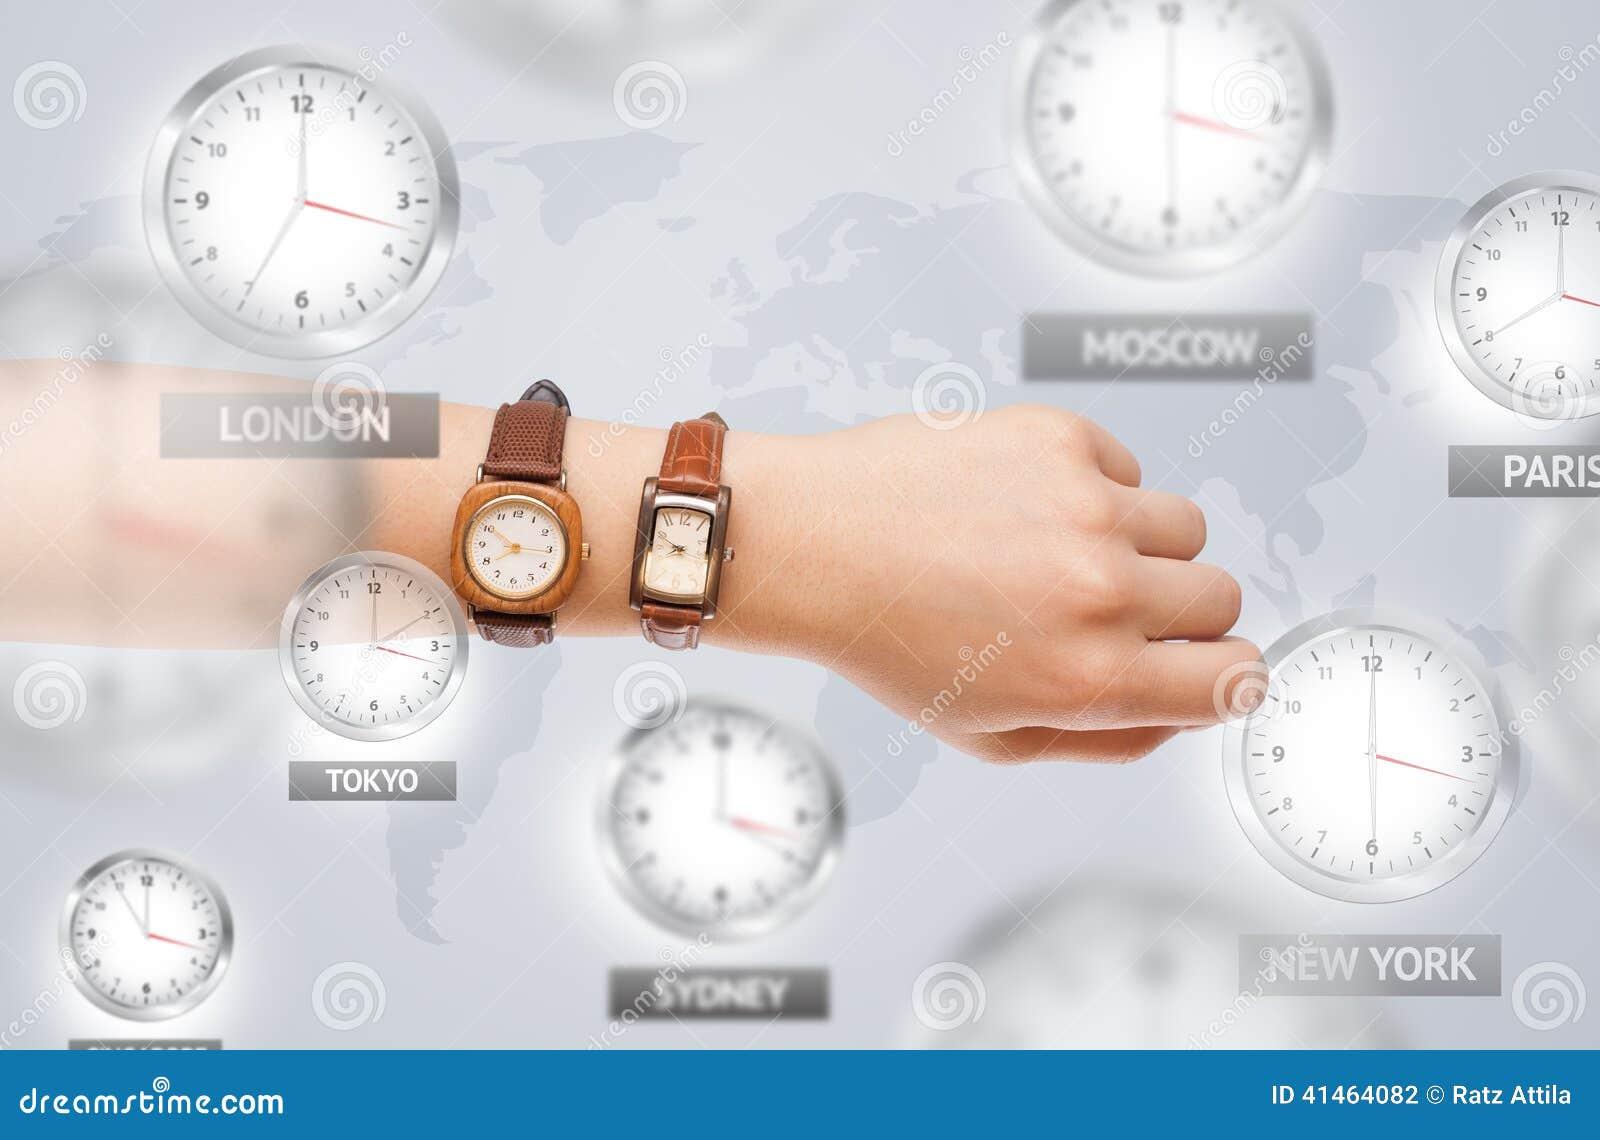 Horloges et fuseaux horaires au-dessus du concept du monde